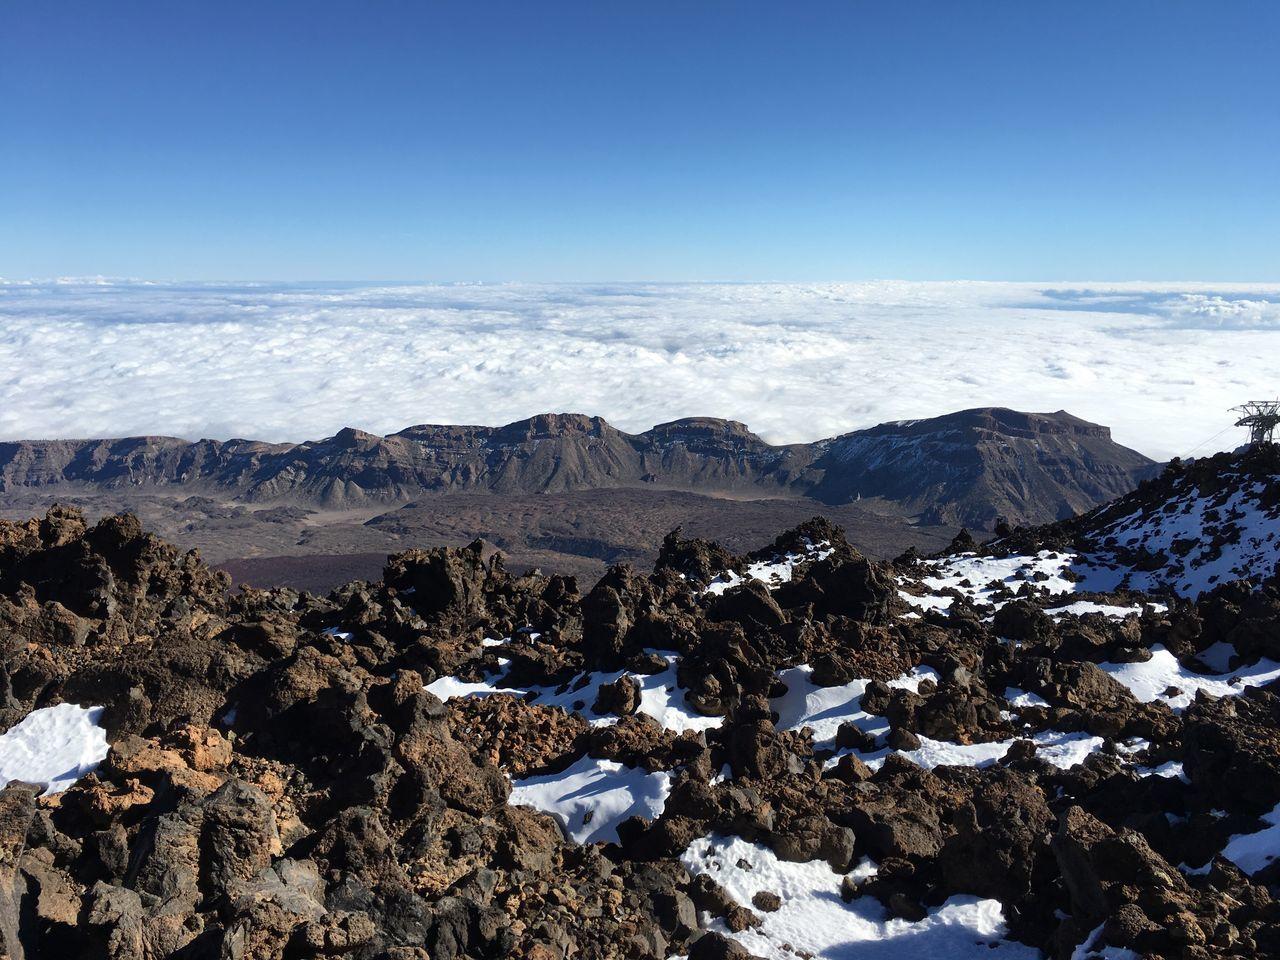 Mar de nubes sobre casi 3500 metros sobre el nivel del mar Tranquil Scene Nature Scenics Sea Cloud Altitude Volcano National Park Extreme Terrain Nature